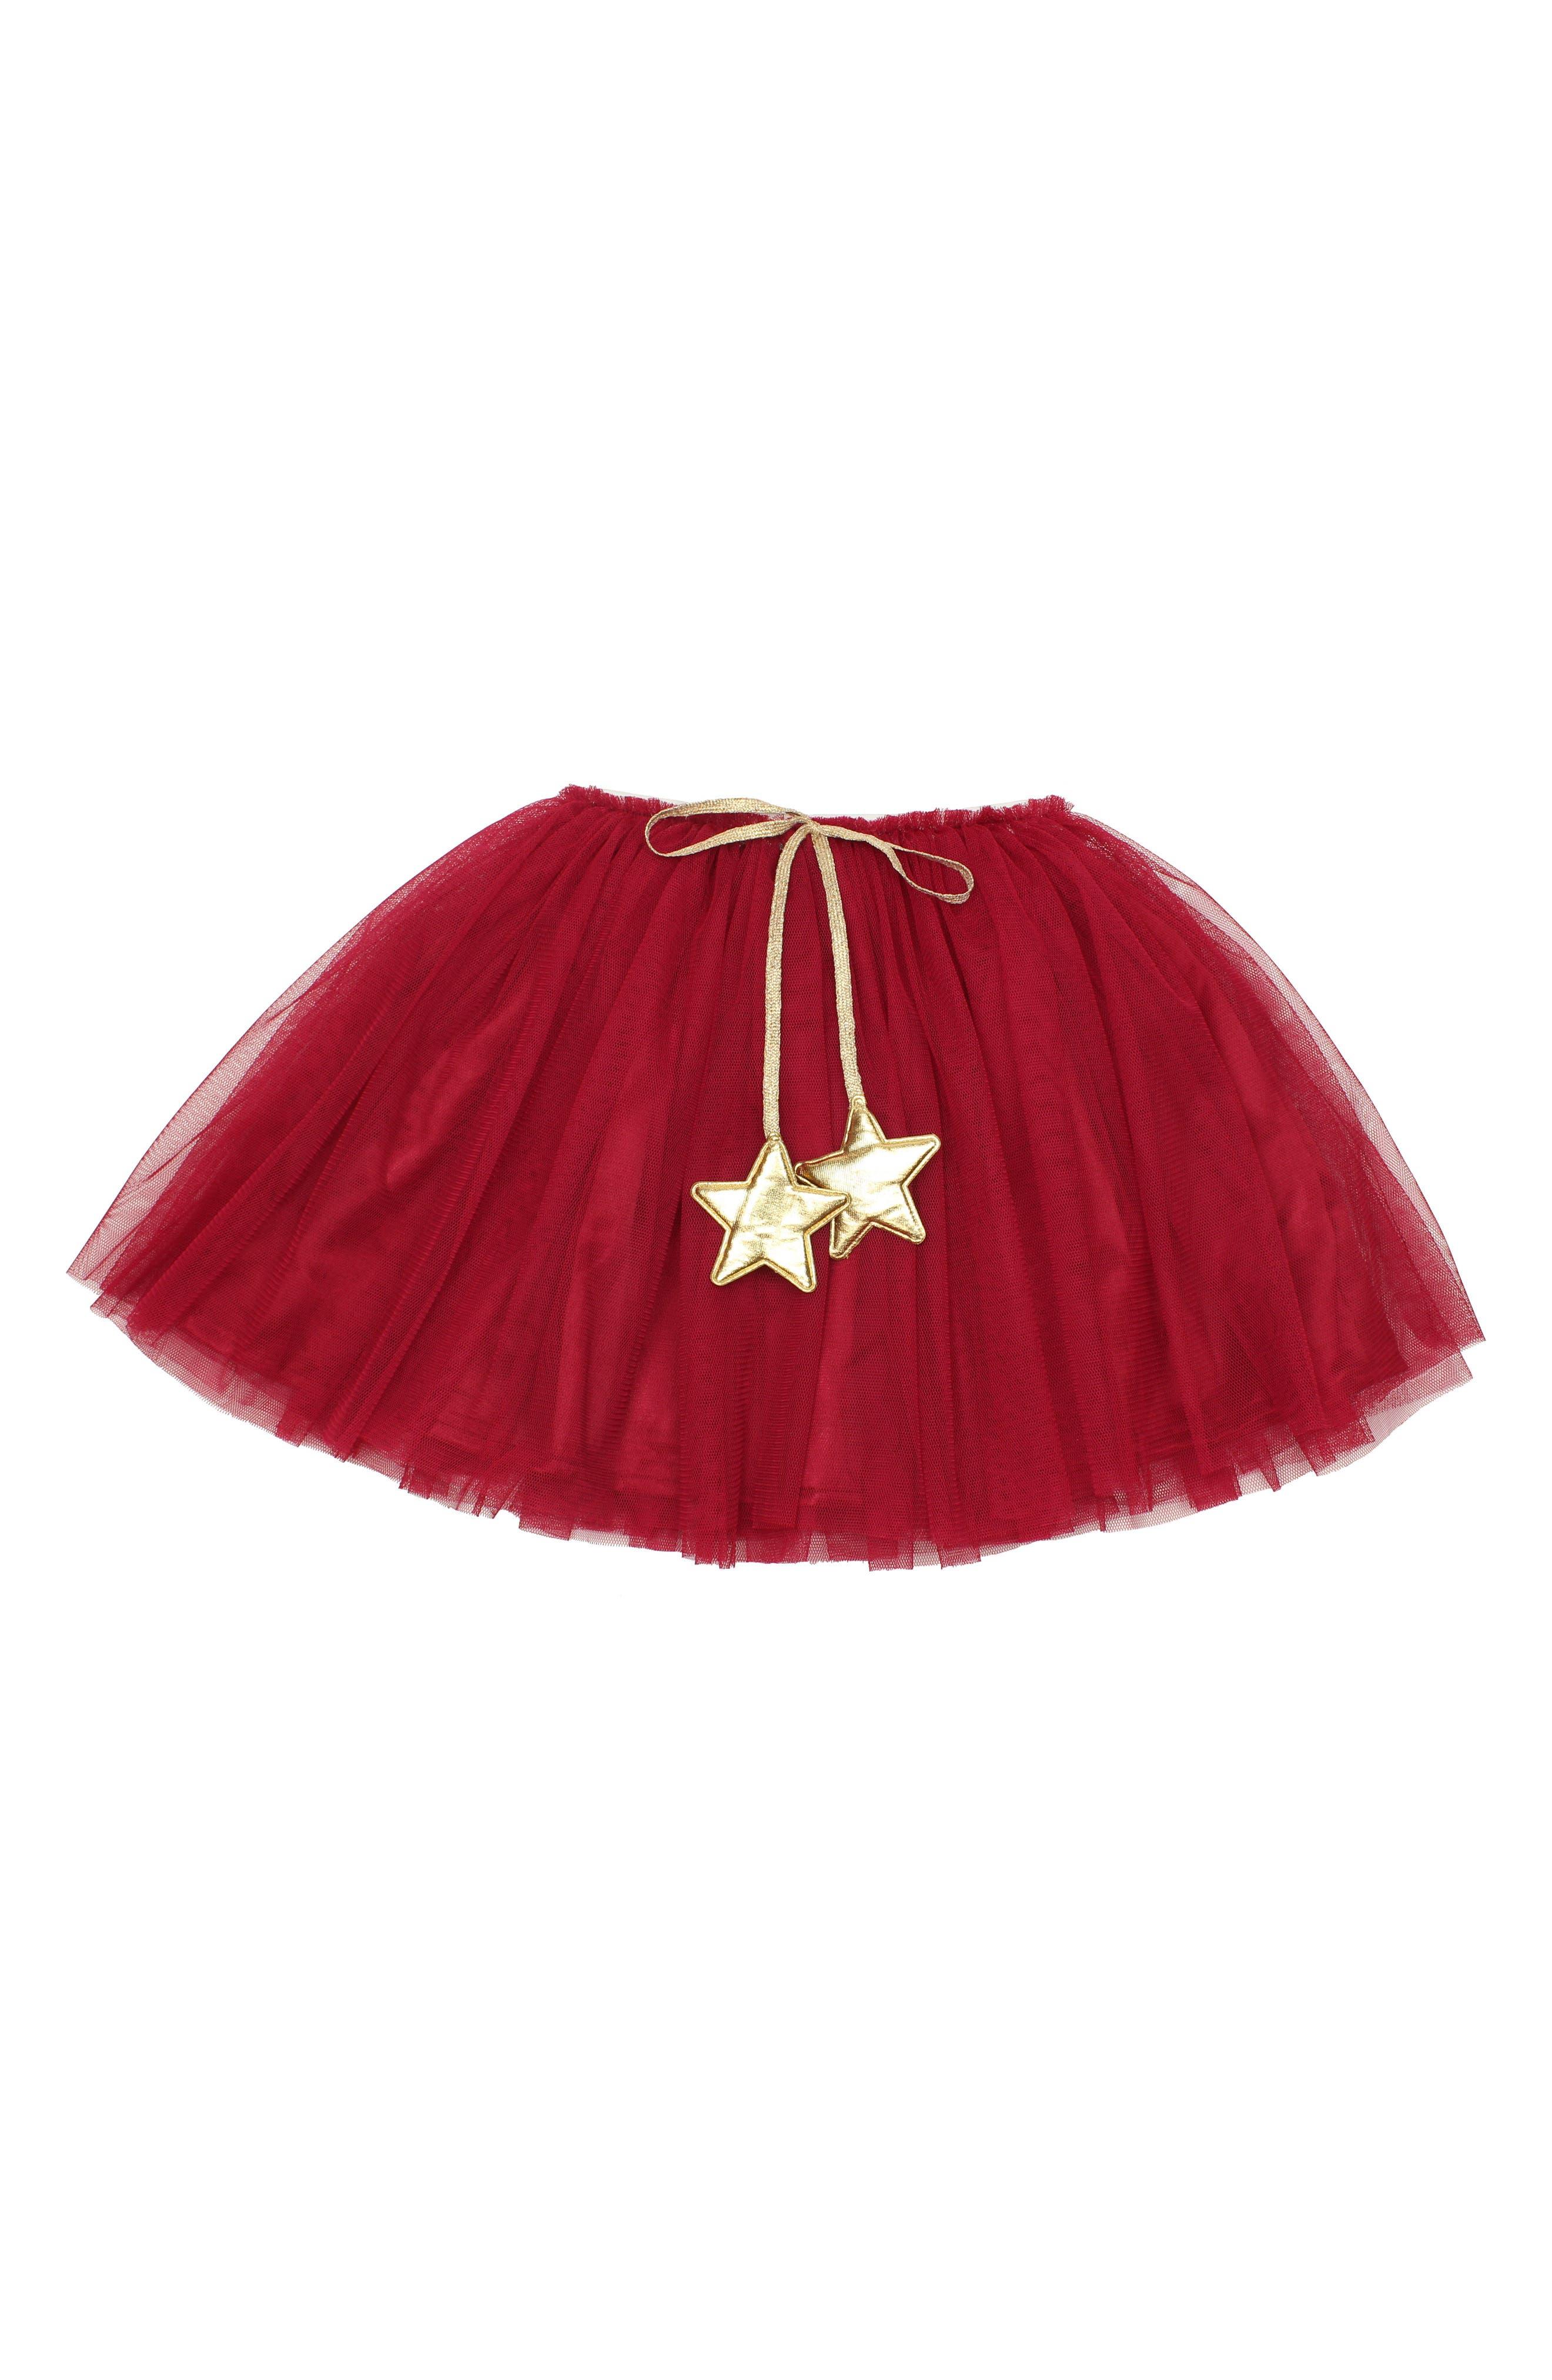 POPATU Gold Star Tutu Skirt, Main, color, 601